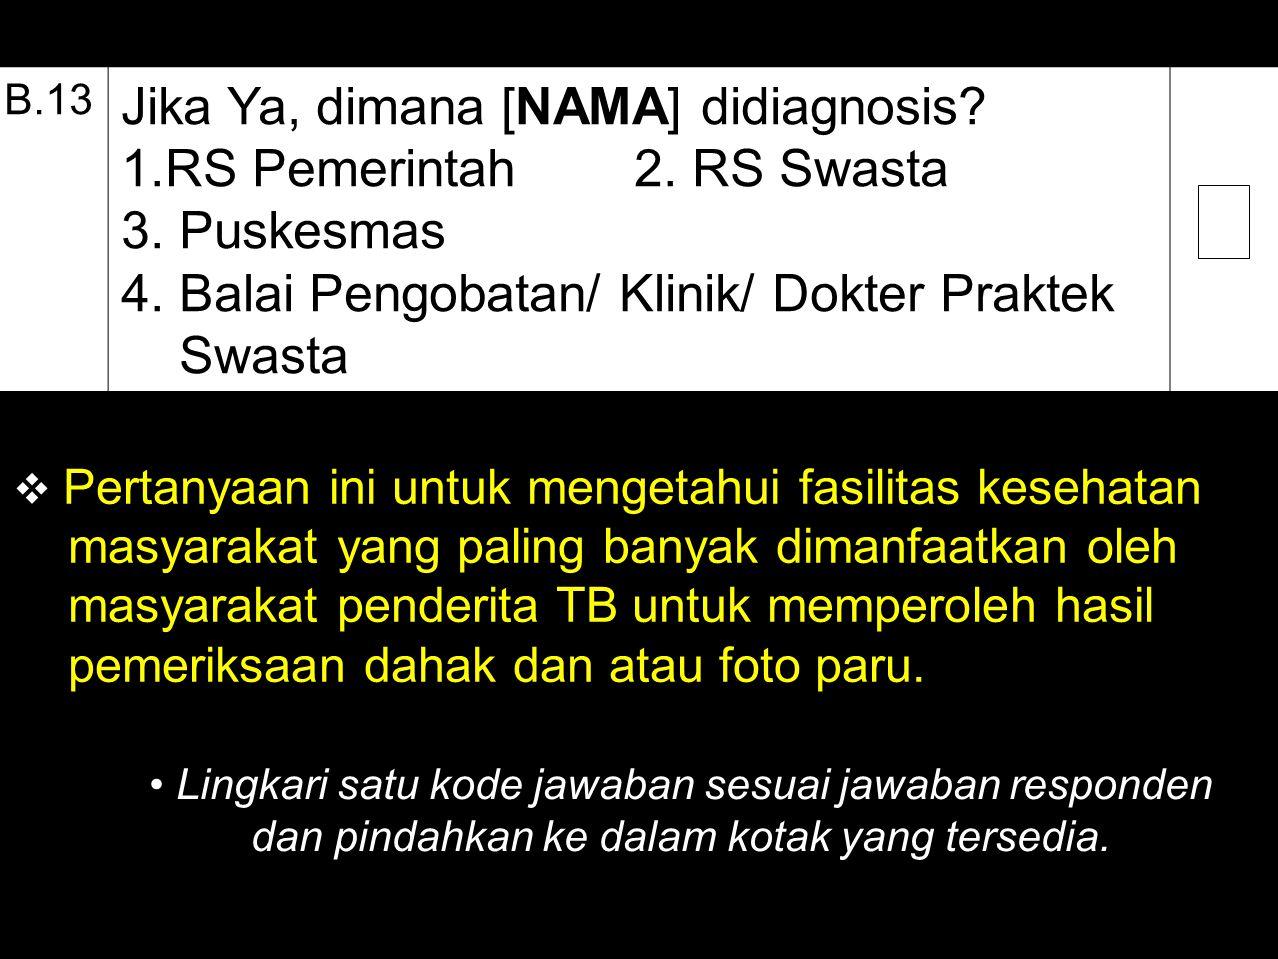 Jika Ya, dimana [NAMA] didiagnosis RS Pemerintah 2. RS Swasta